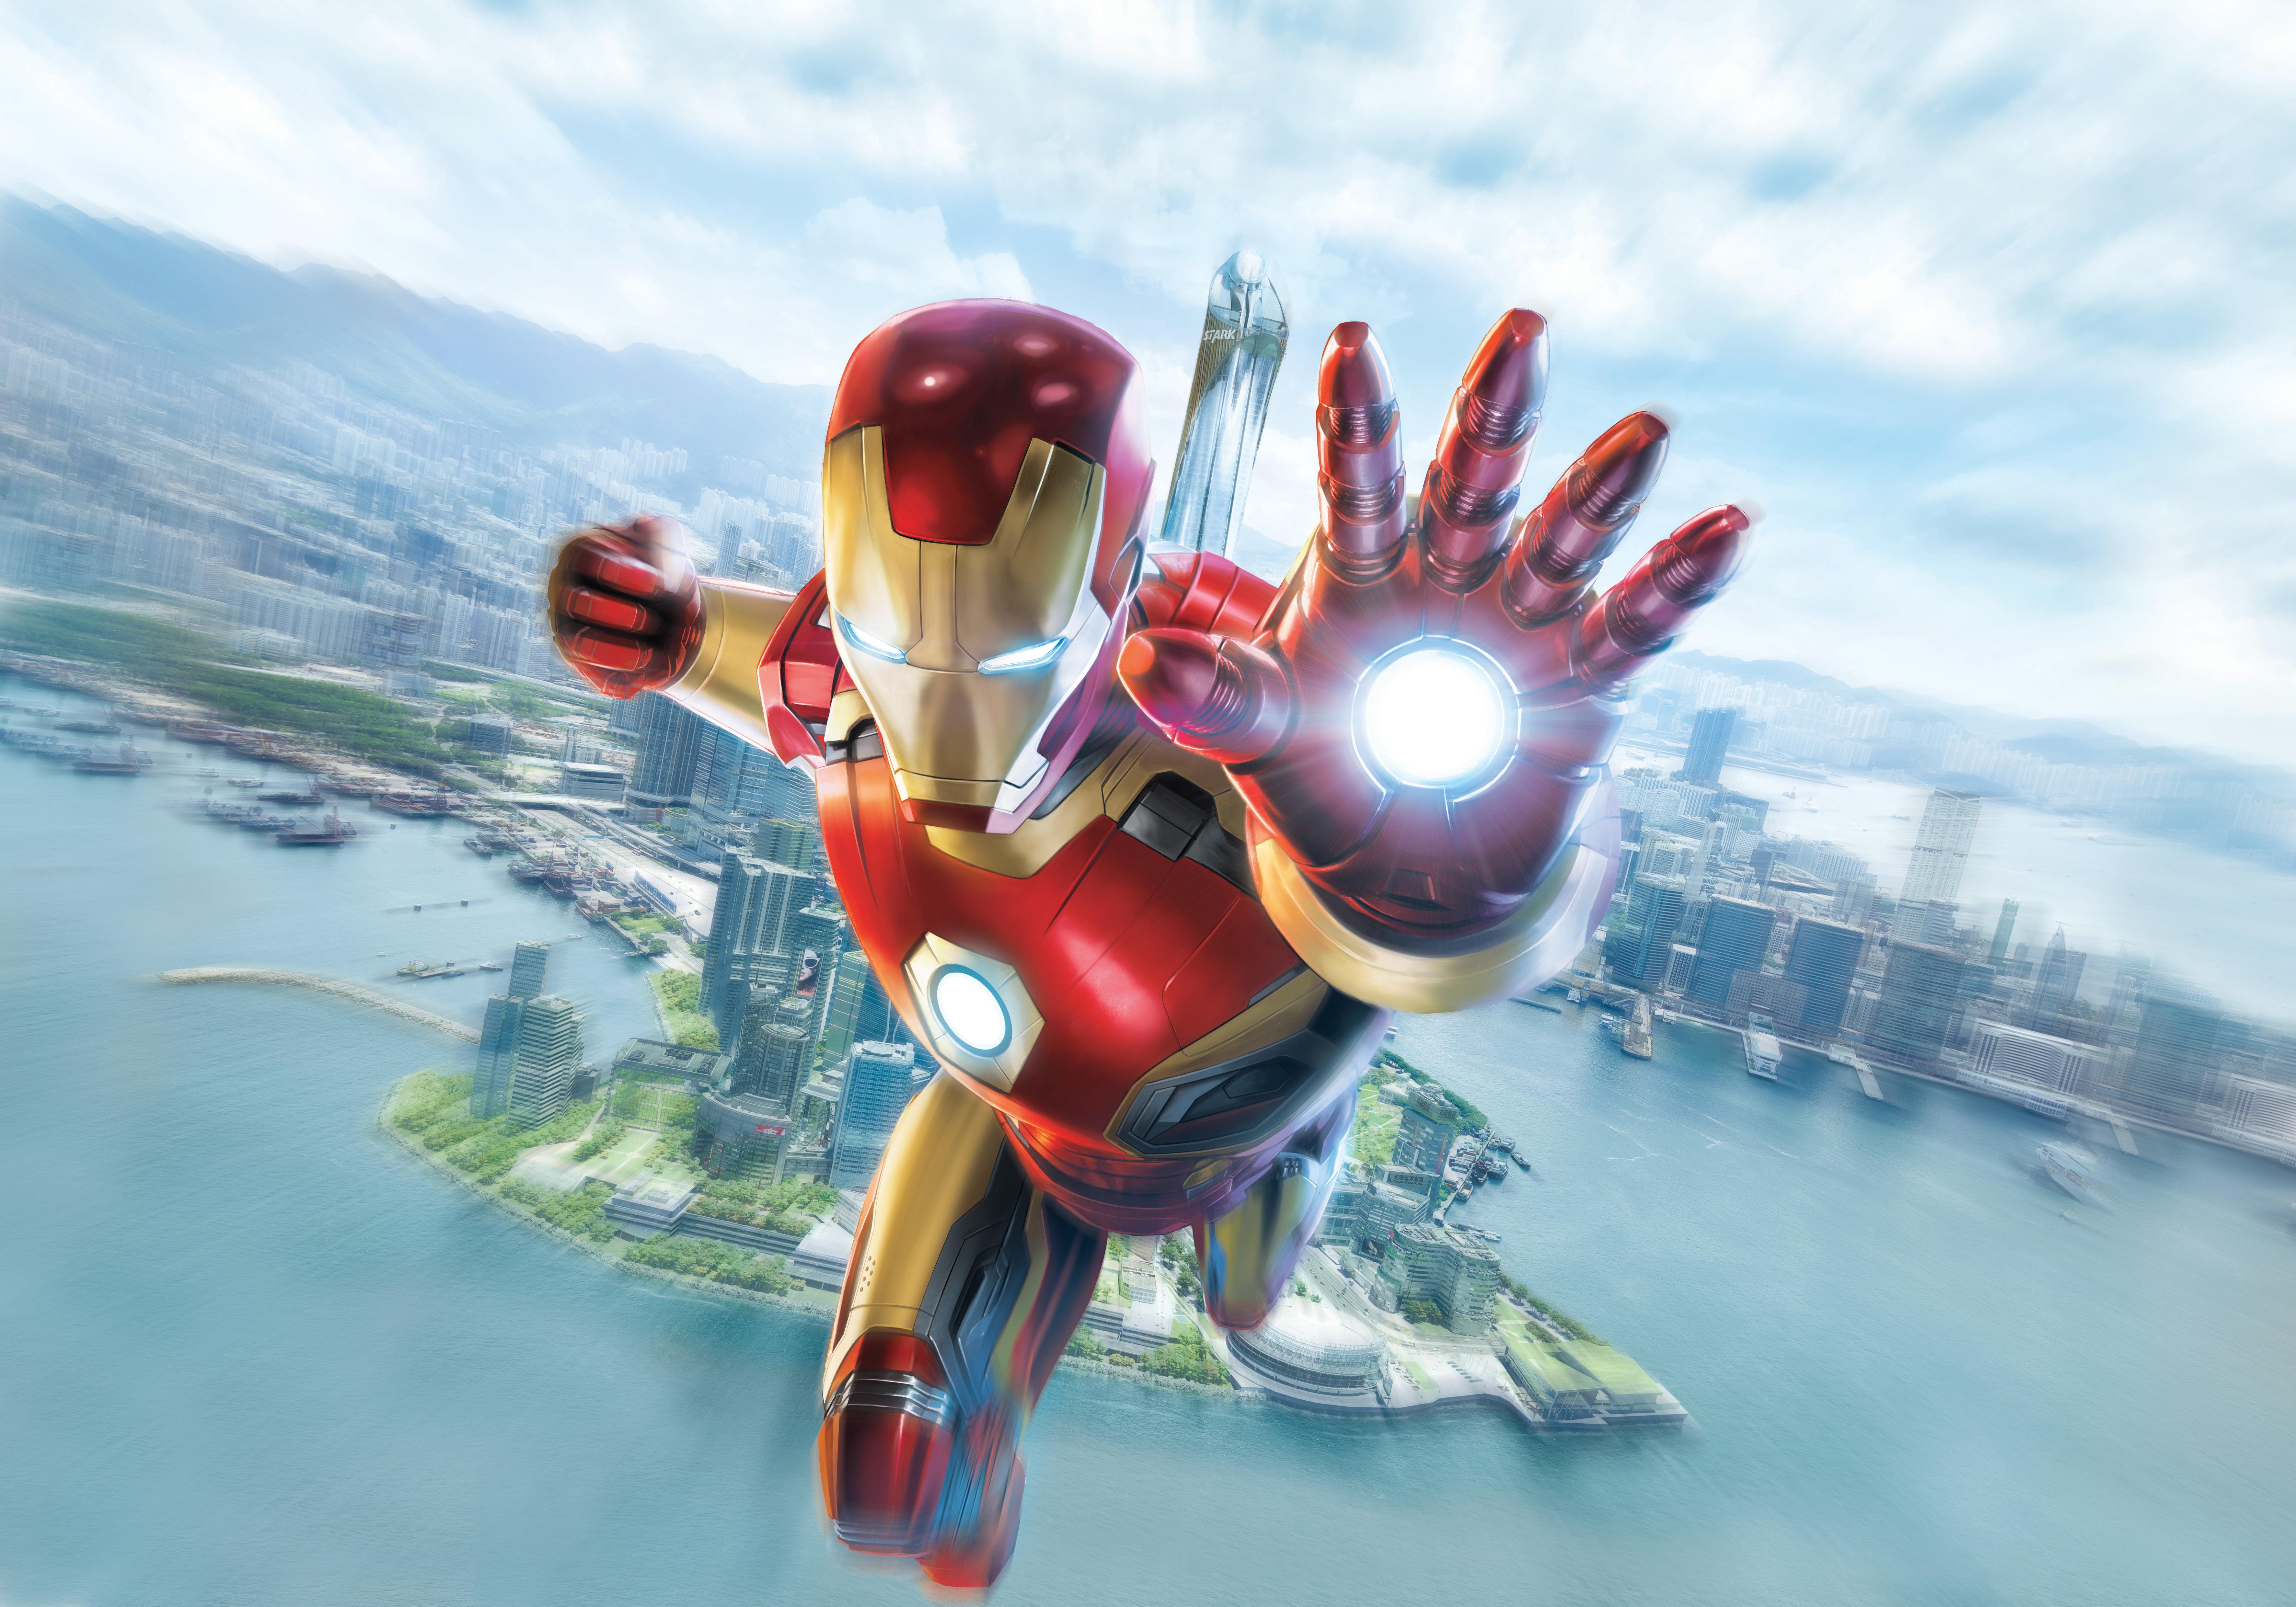 Iron Man Wallpaper 8k , HD Wallpaper & Backgrounds